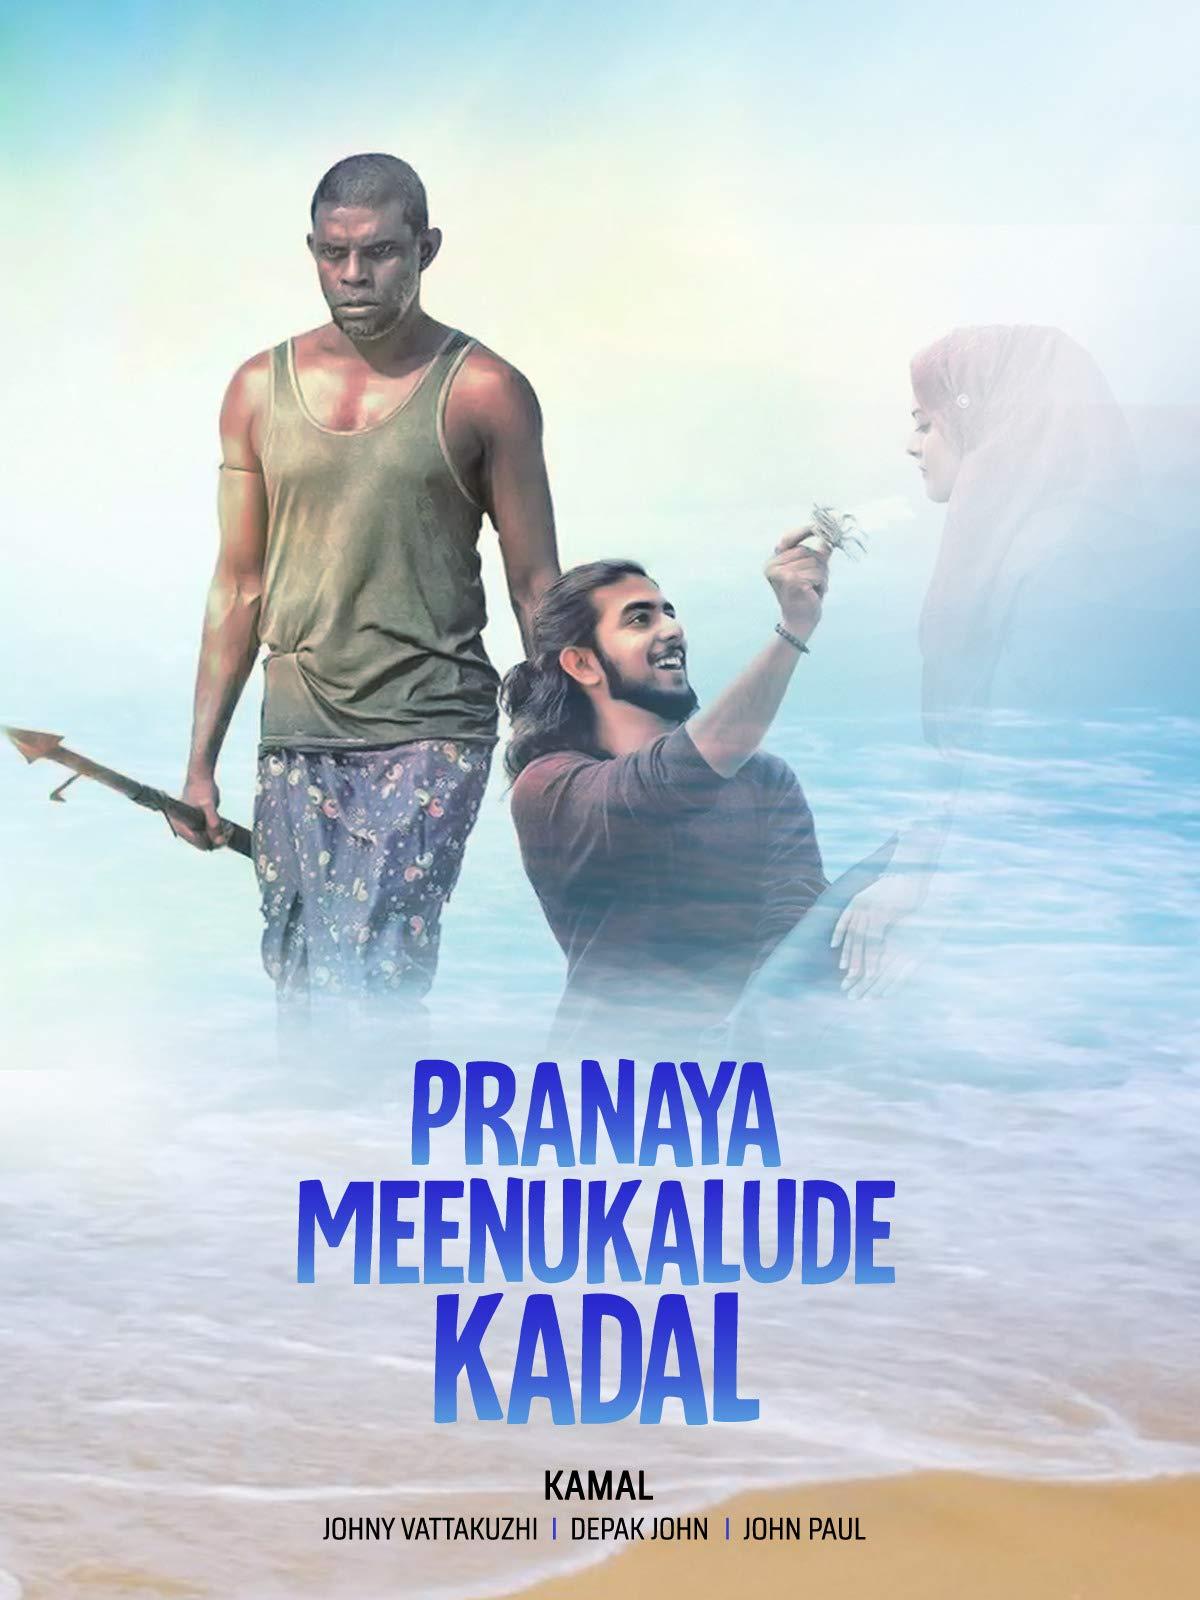 Pranaya Meenukalude Kadal on Amazon Prime Video UK